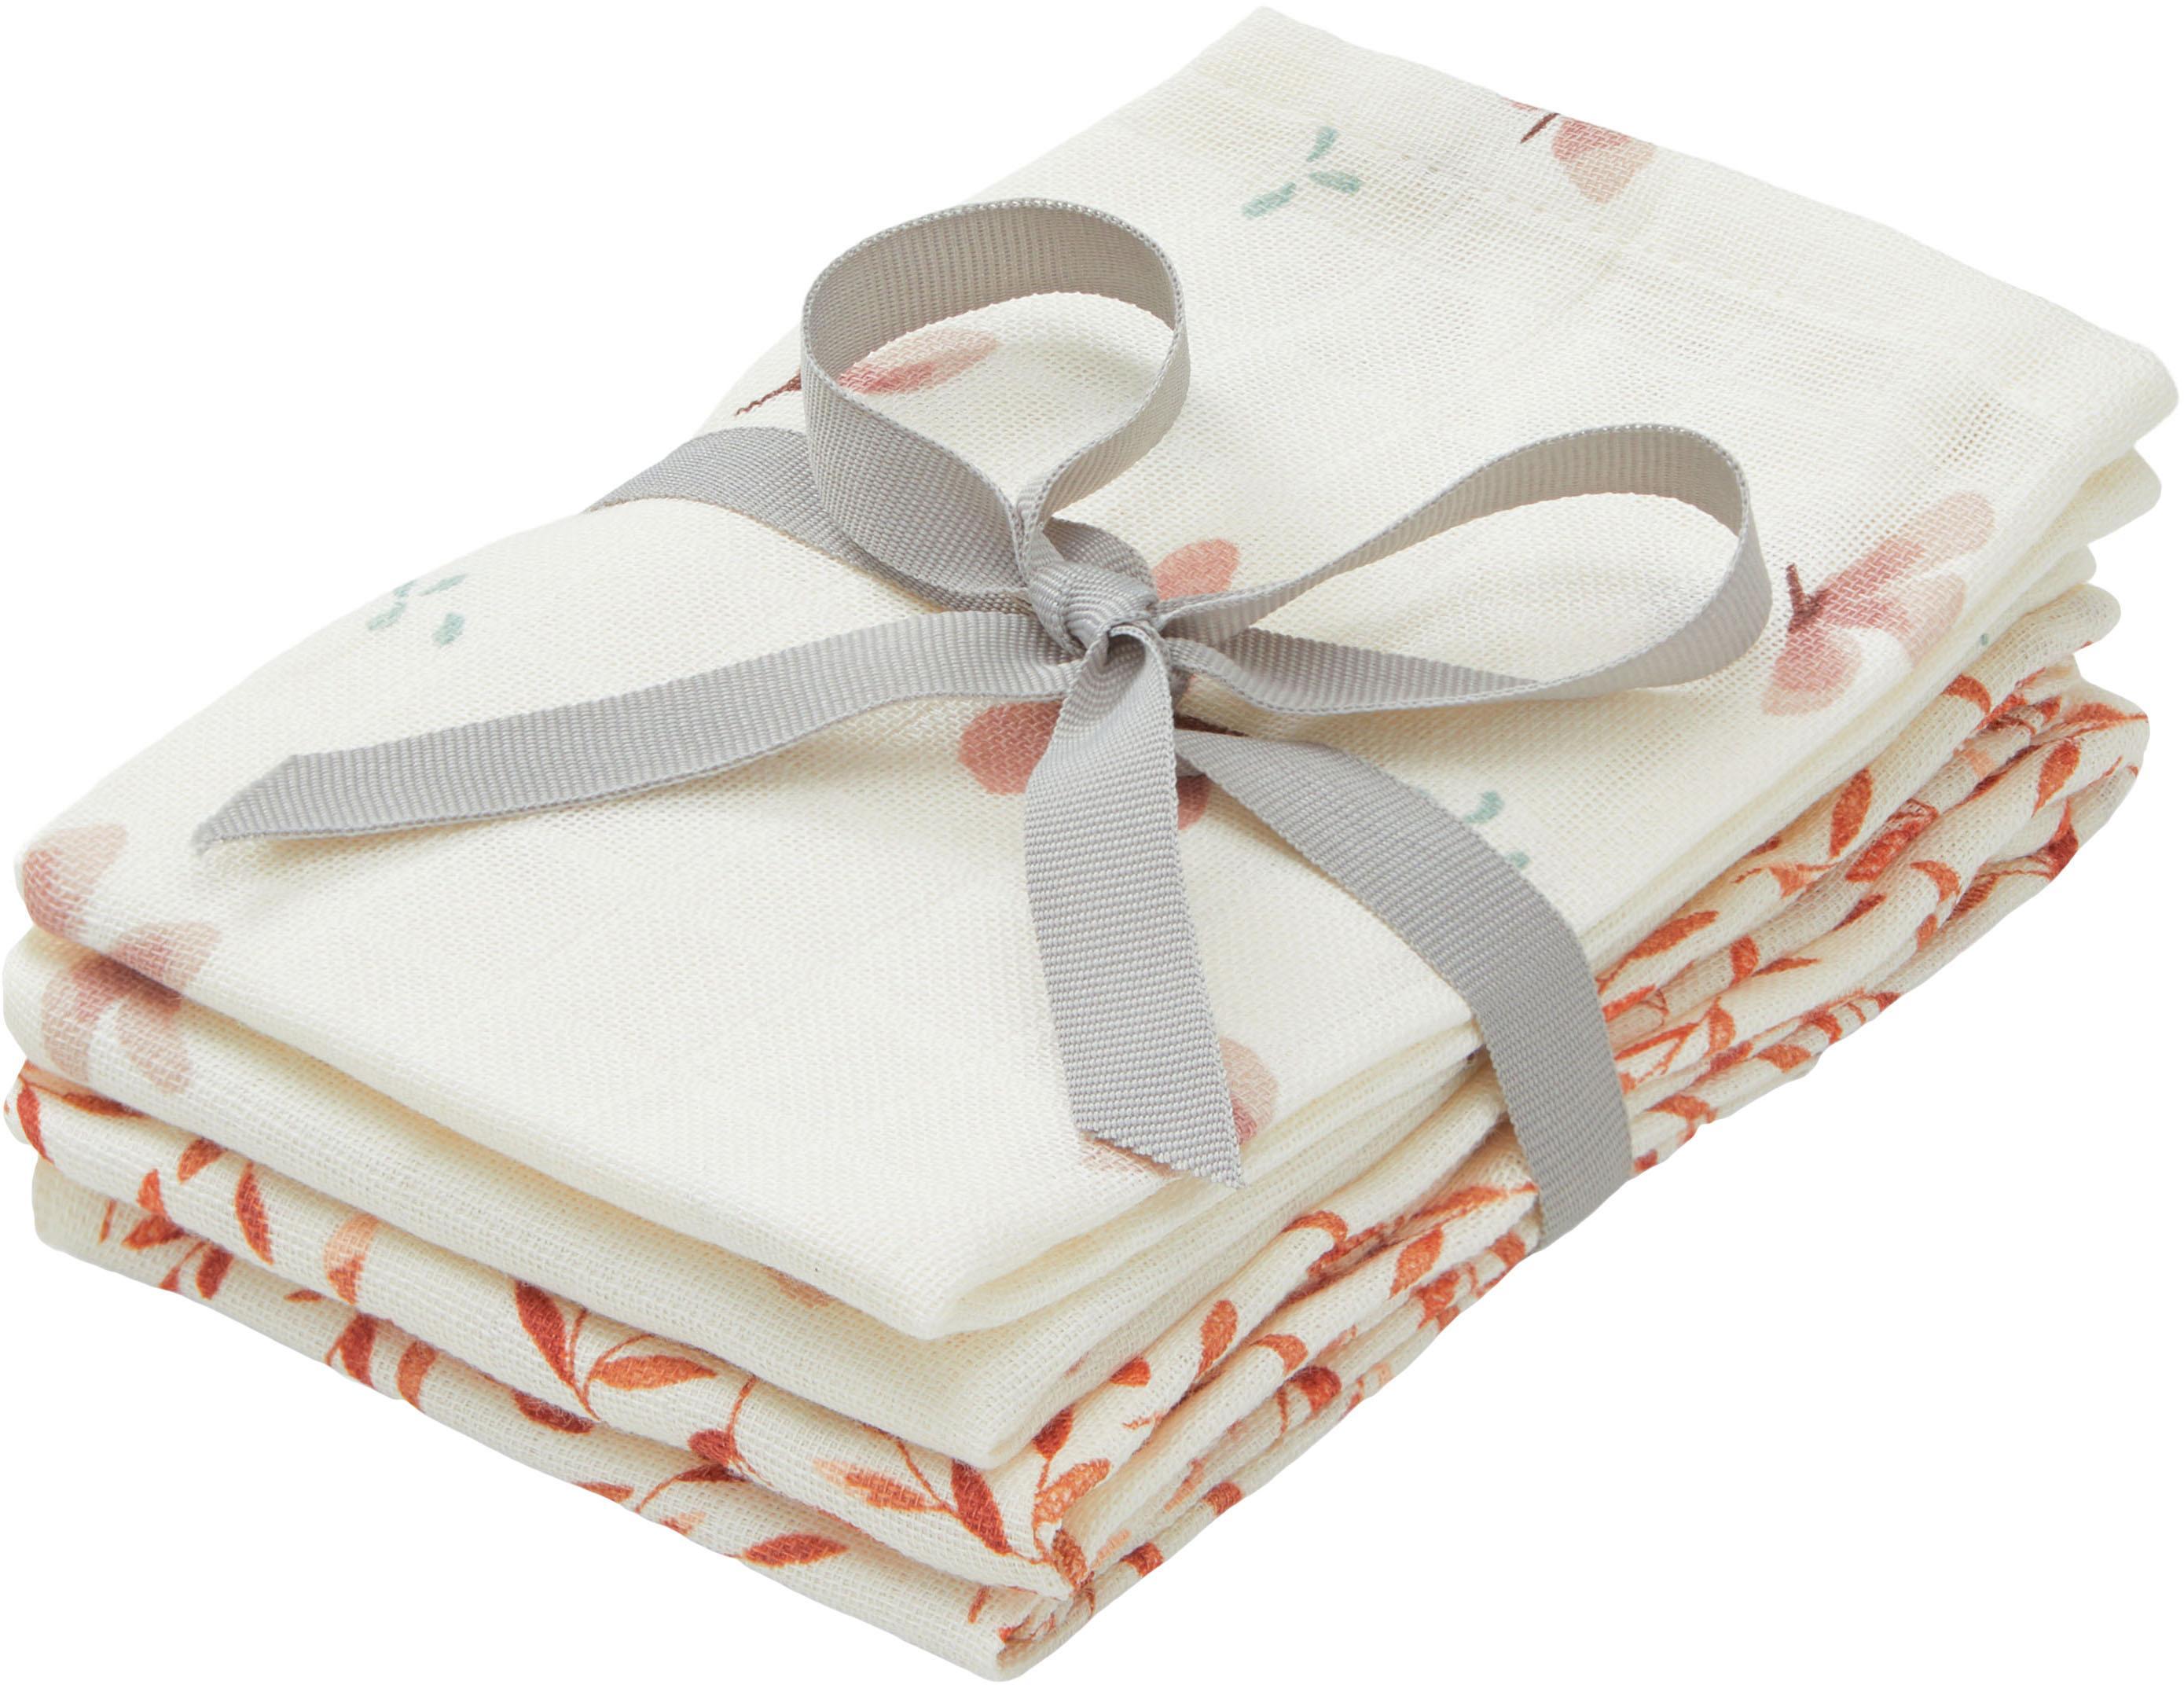 Set de toallitas de tela de algodón ecológico Wildflower, 4pzas., 100%algodón ecológico, certificado GOTS, Crema, rosa, naranja, An 30 x L 30 cm